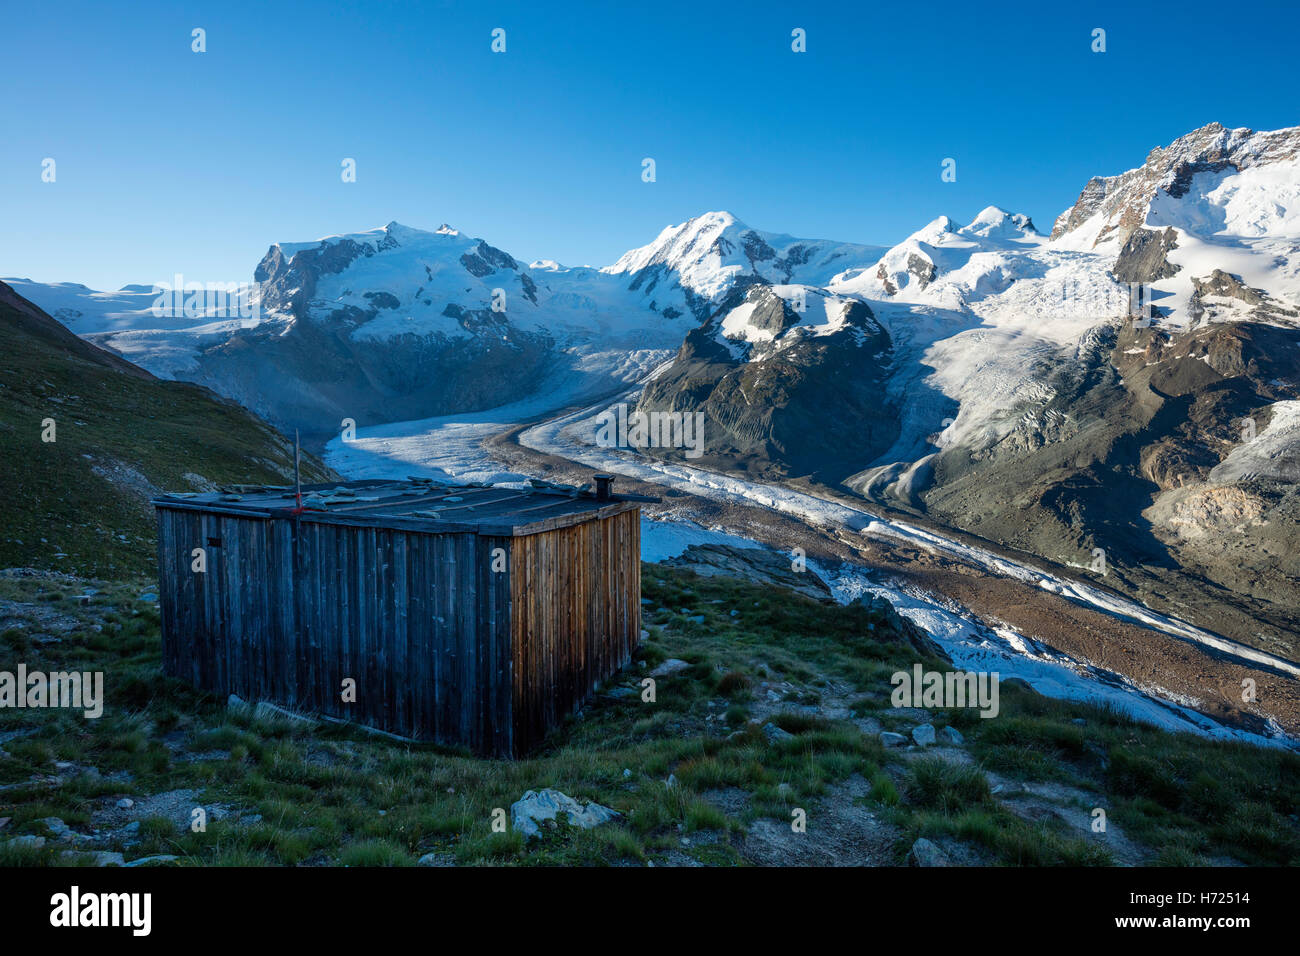 Wooden hut above the Gorner Glacier, Zermatt, Pennine Alps, Valais, Switzerland. - Stock Image